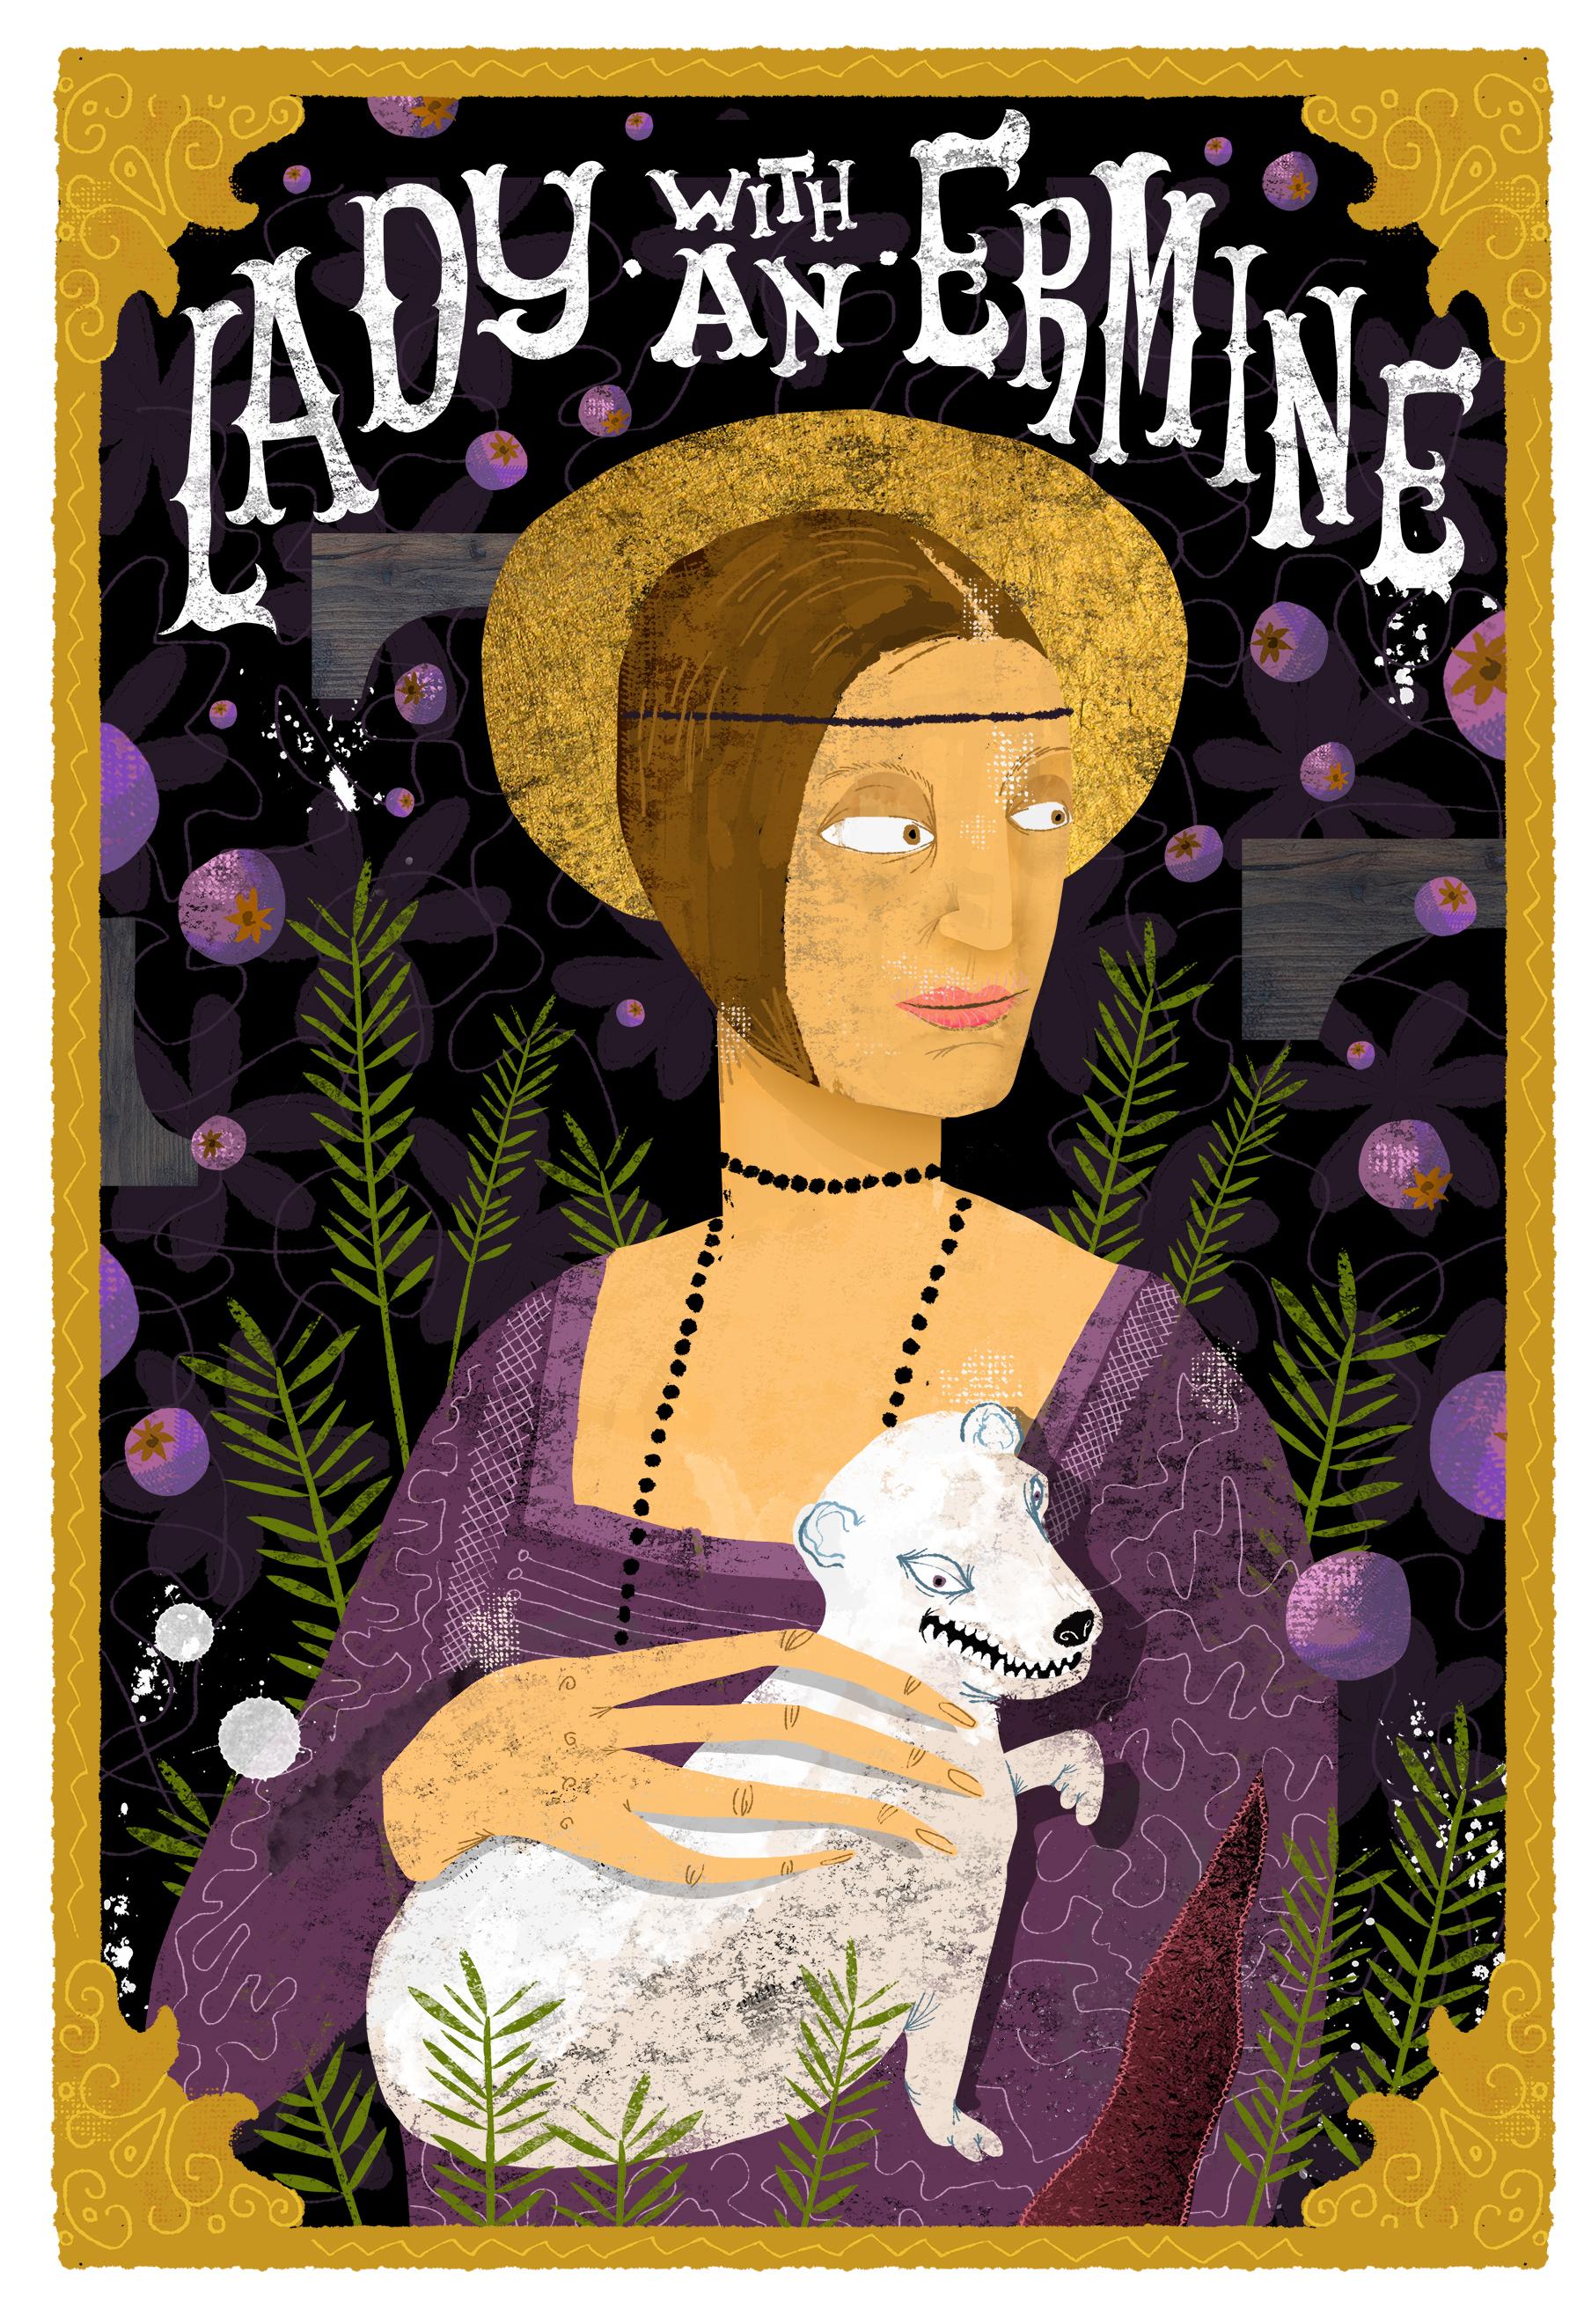 Lady-with-an-Ermine.jpg